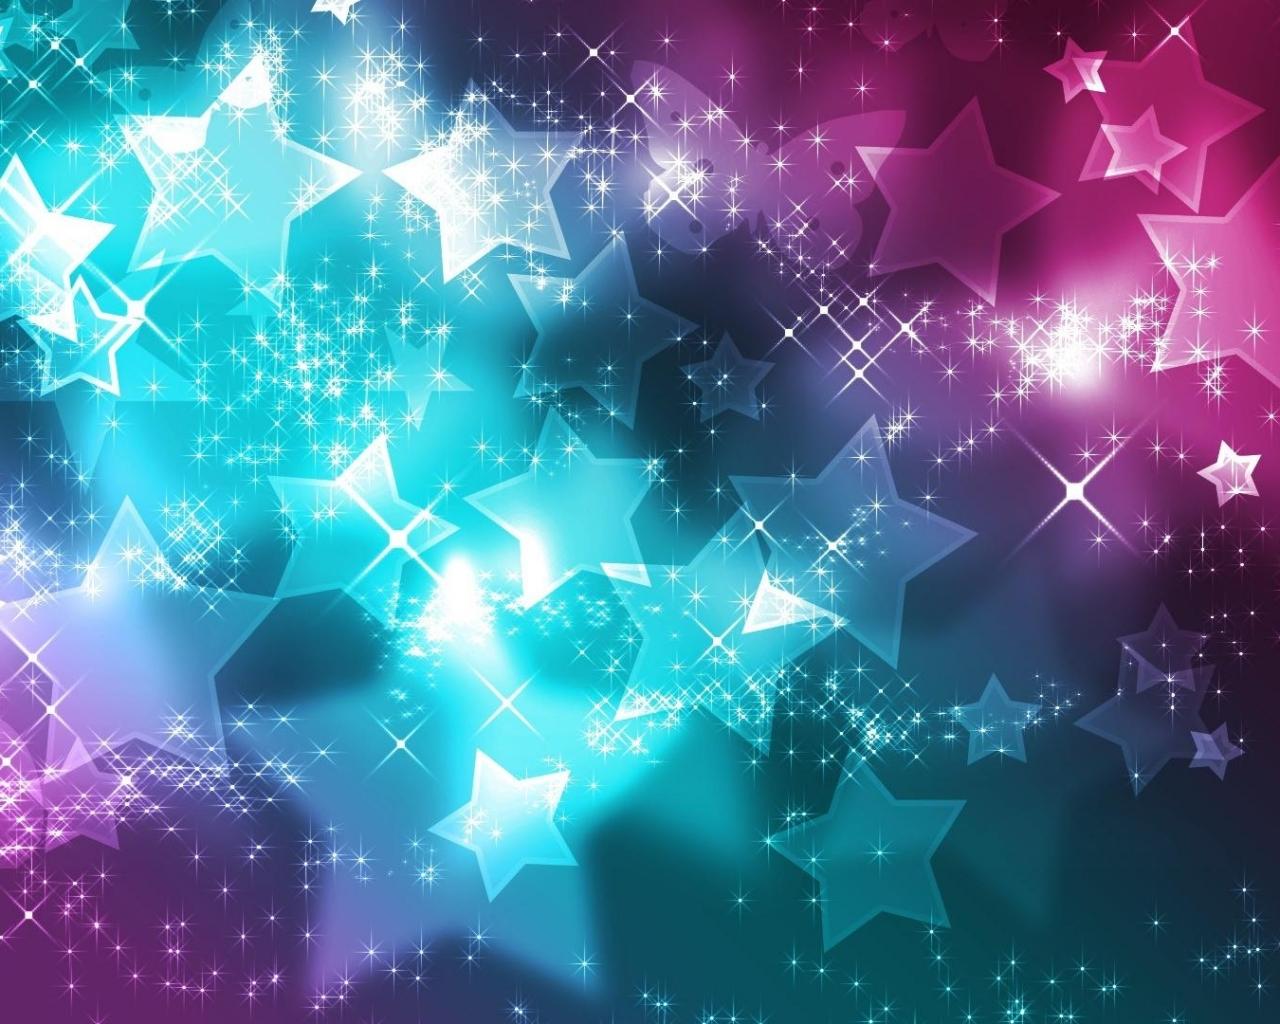 130335d1358923060 glitter wallpaper glitter wallpaper photos 1024x768 1280x1024